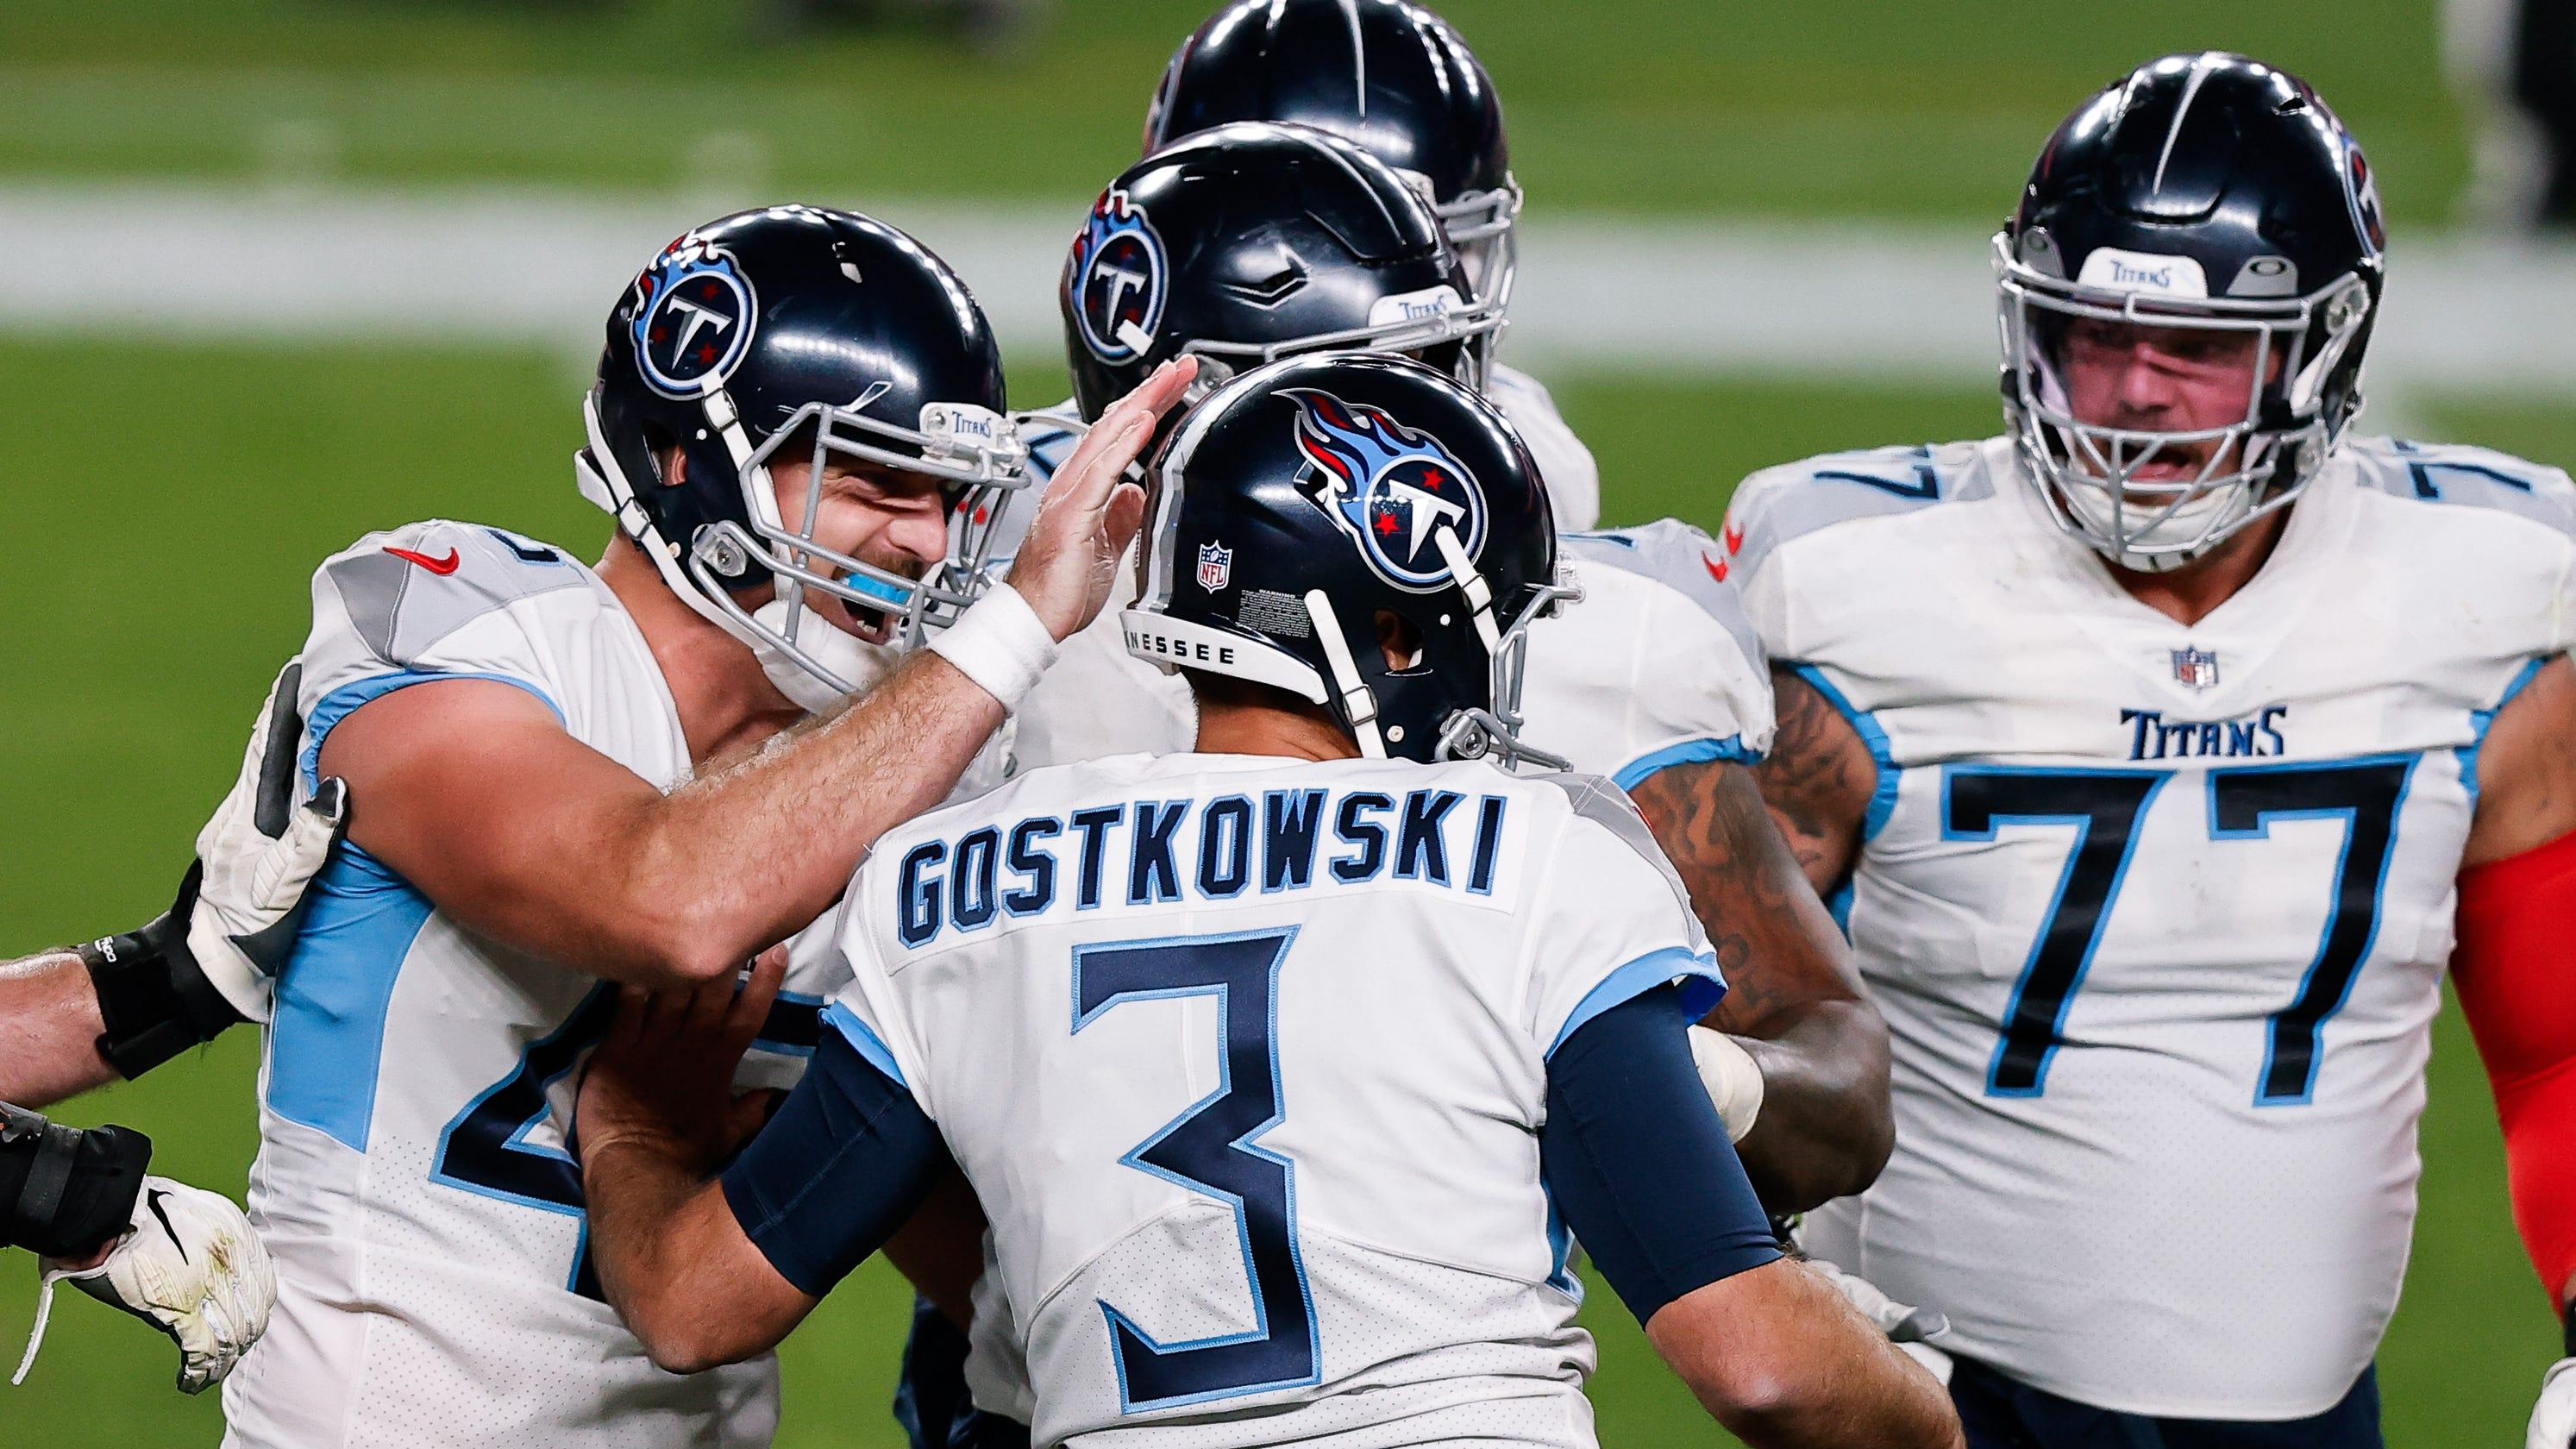 Stephen Gostkowski kicks winner for Titans in Week 1 win over Broncos